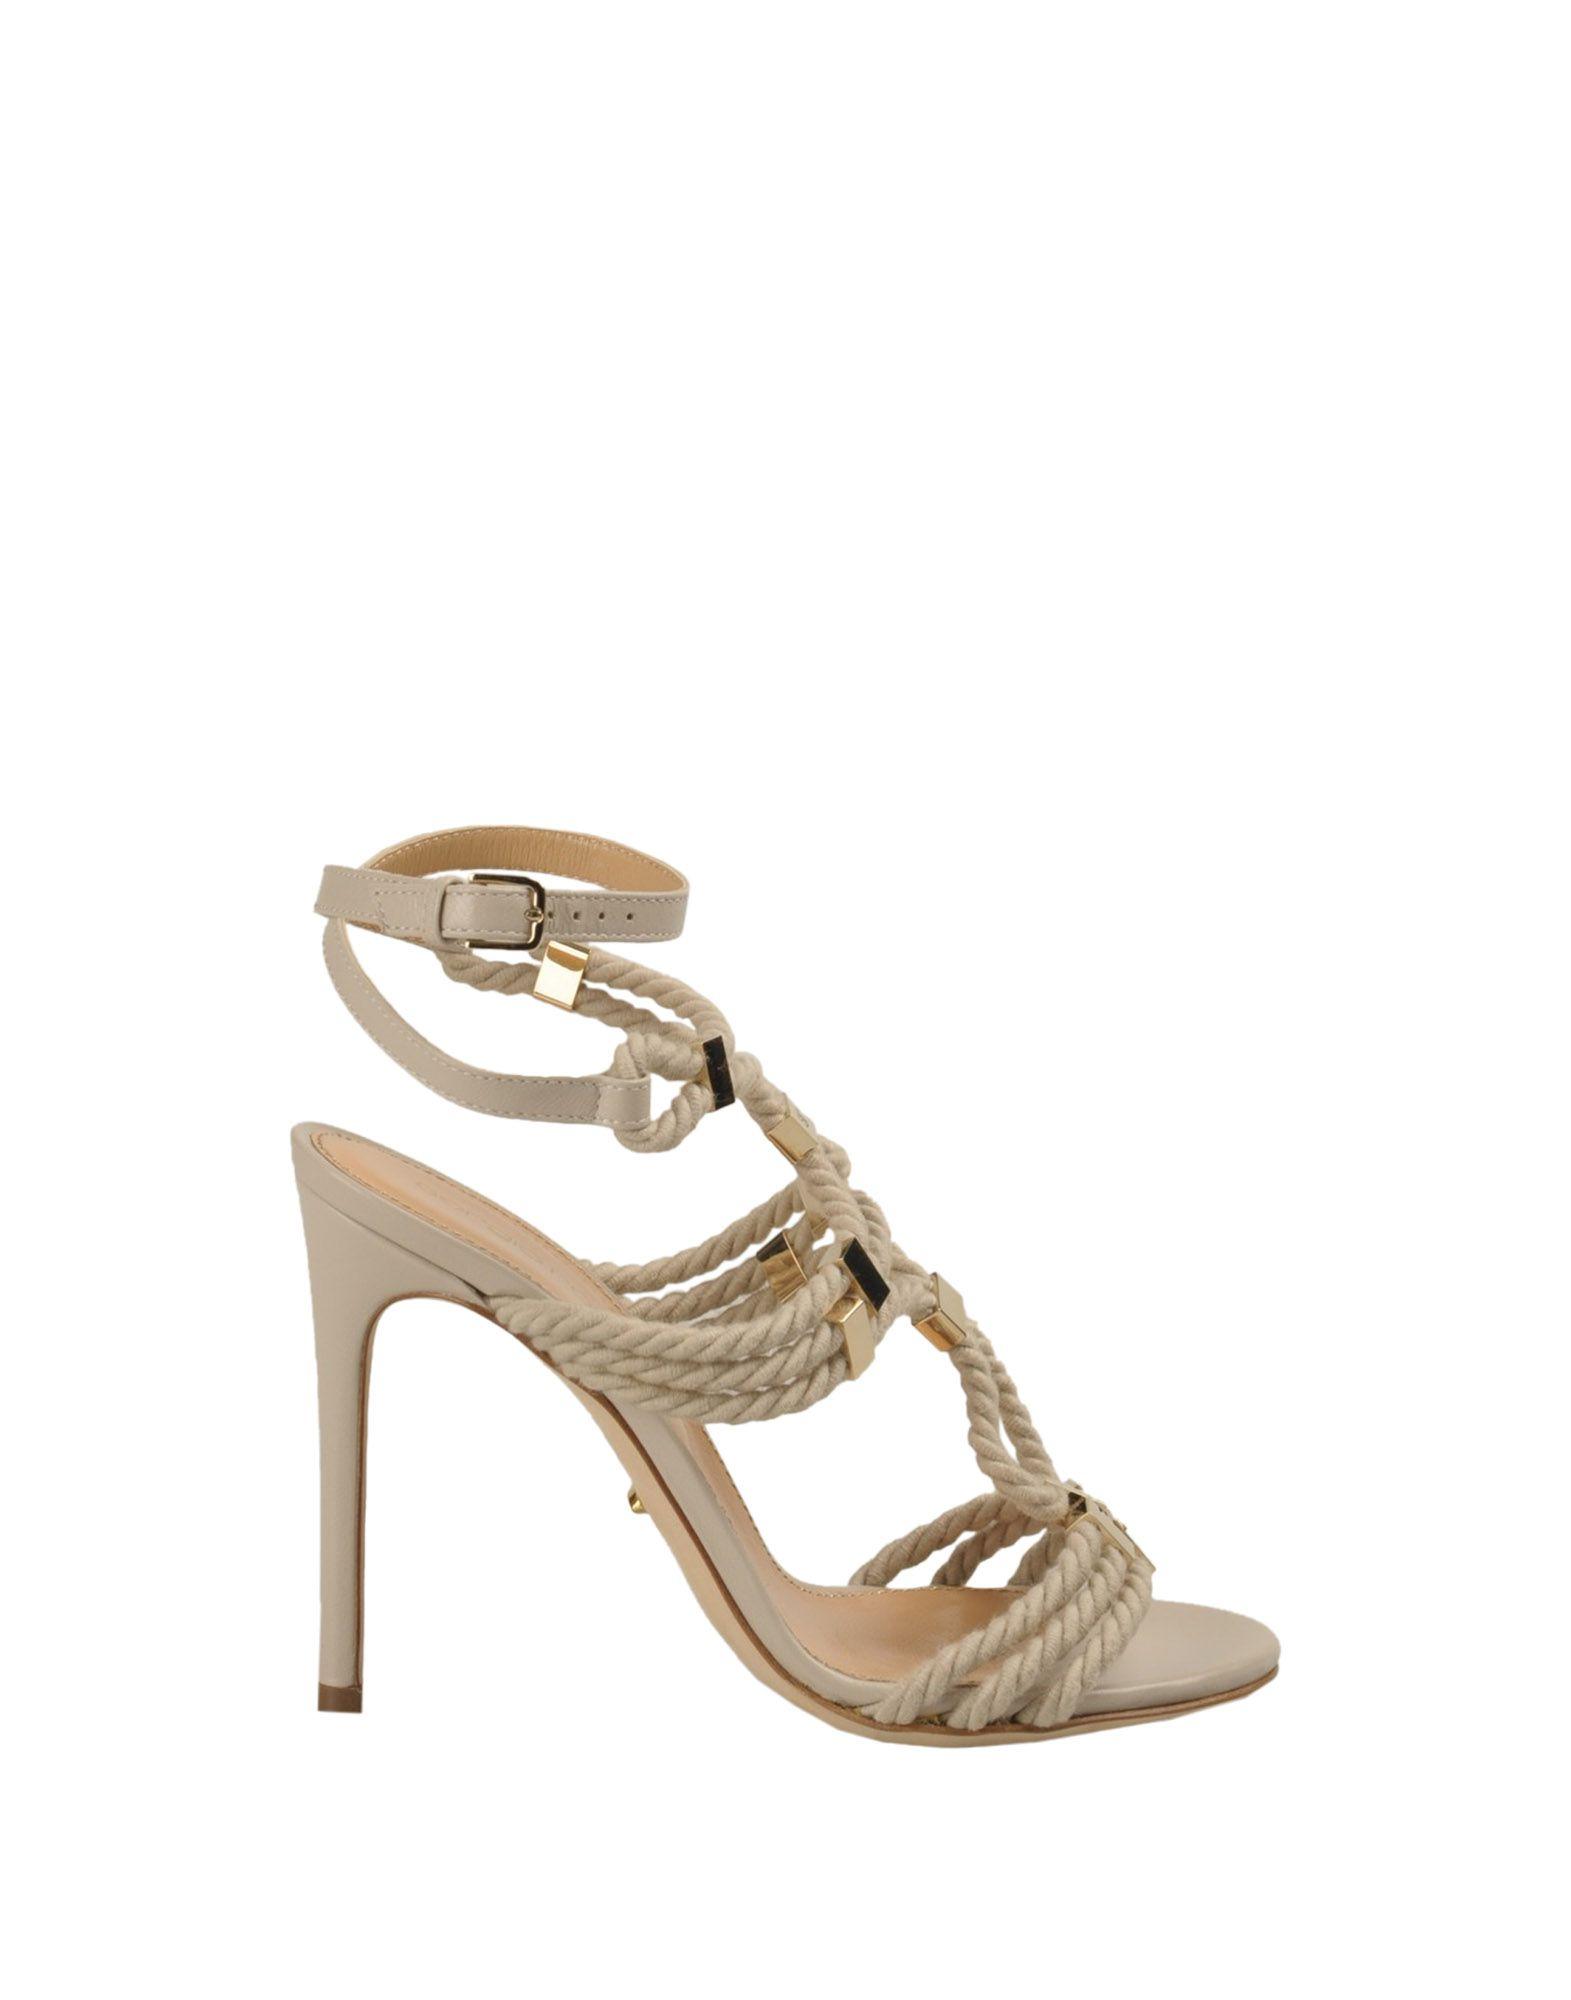 Sergio Rossi Sandalen Damen Schuhe  11353146KCGünstige gut aussehende Schuhe Damen b48a1e